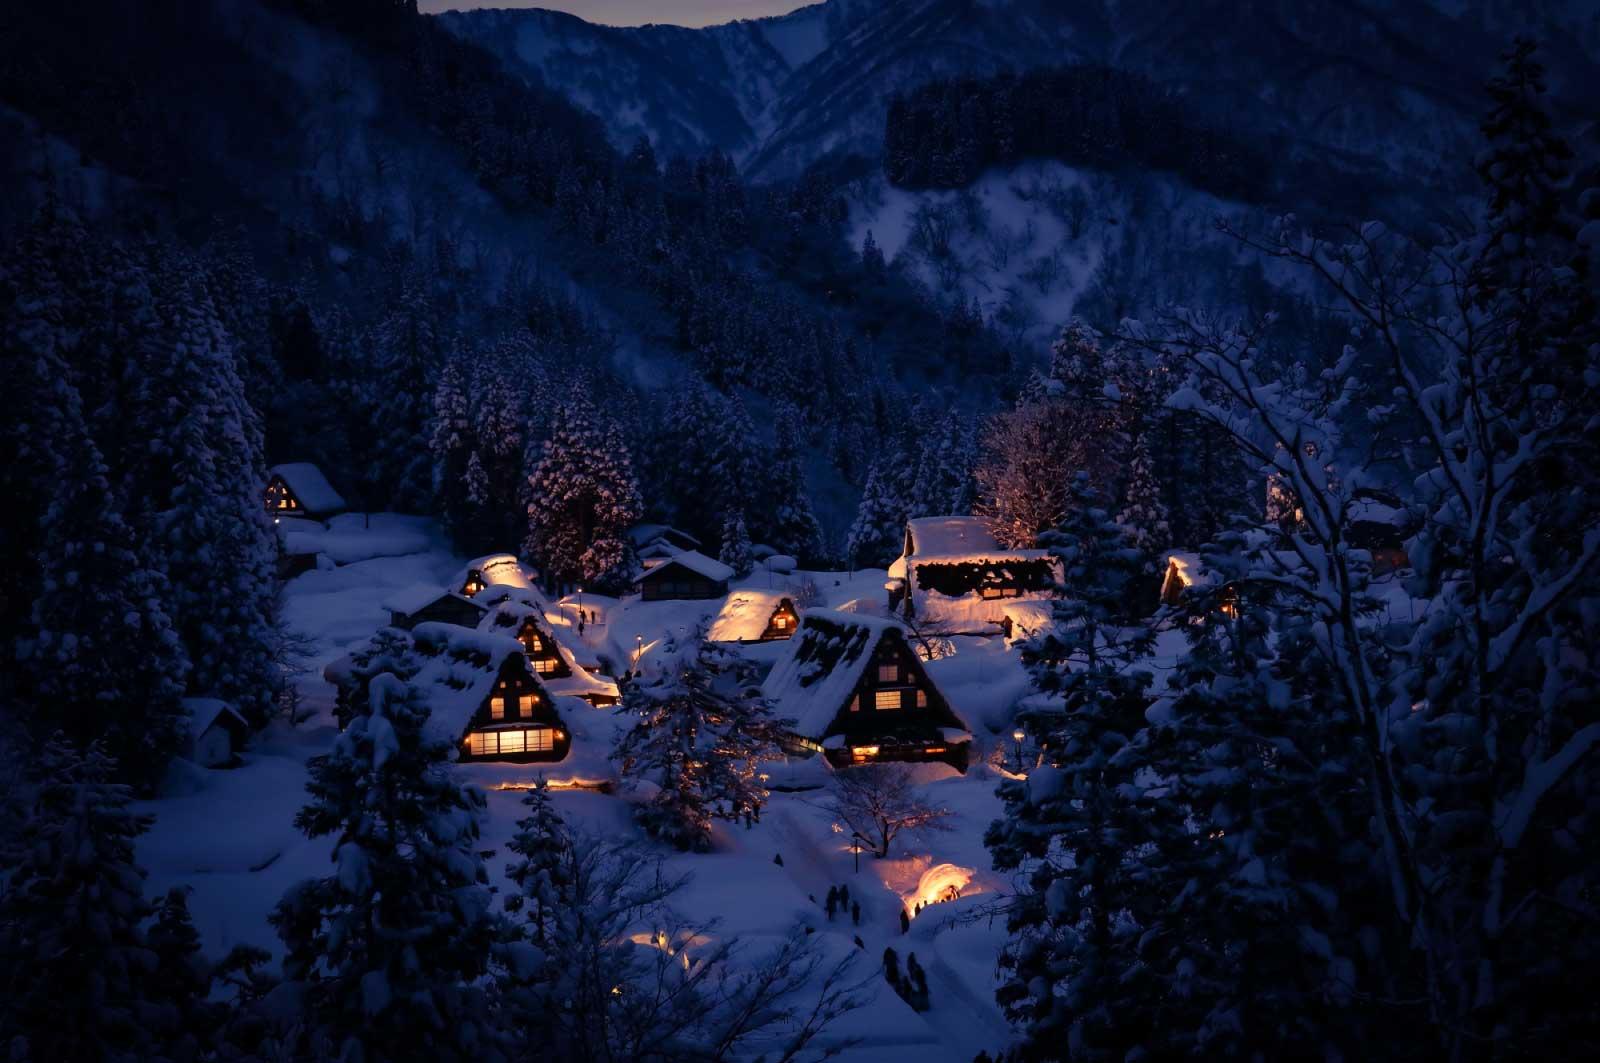 富山県民として、またこの地元が誇る世界遺産に行きたい